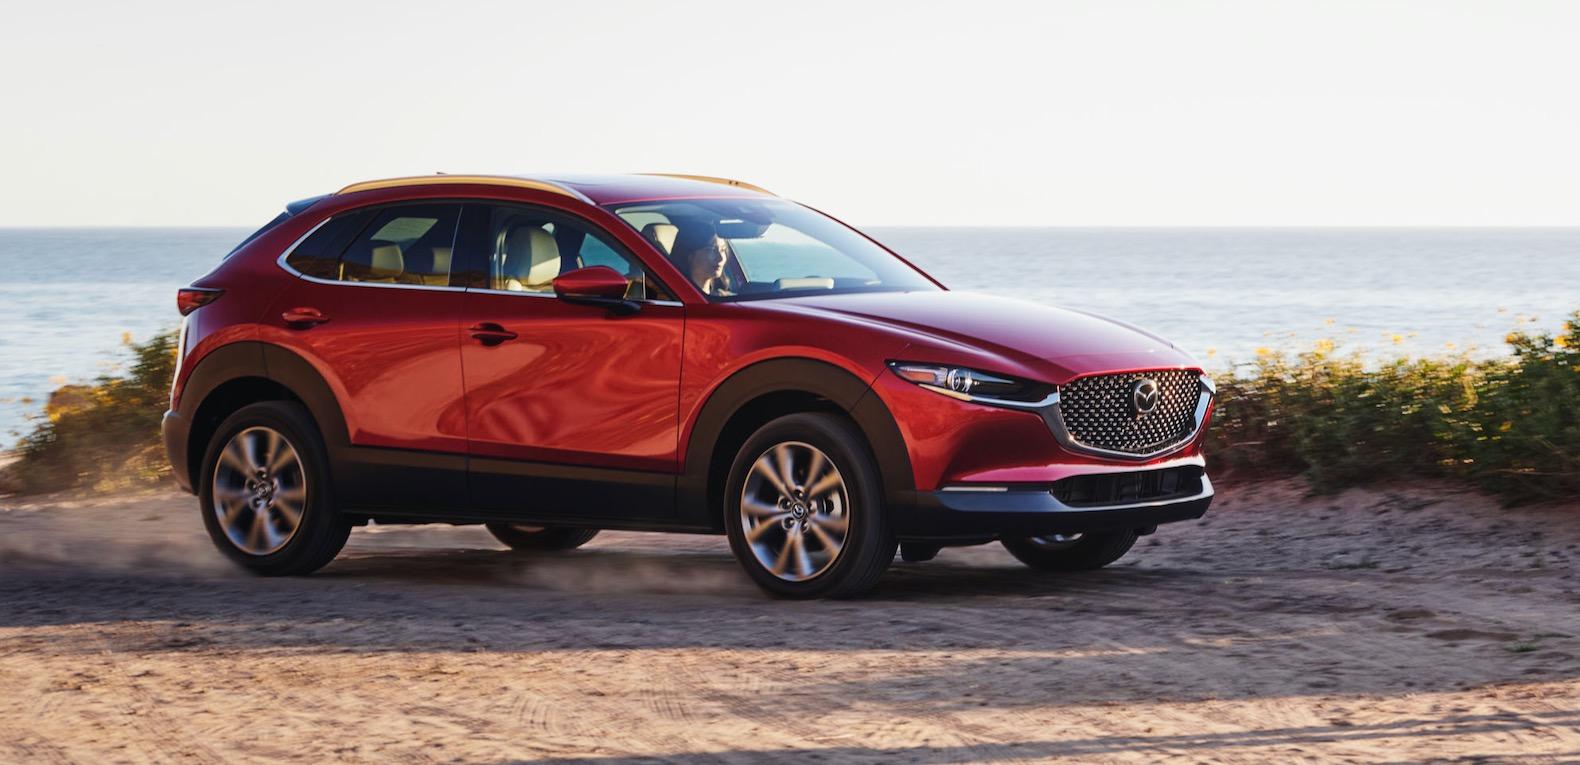 Kelebihan Kekurangan Mazda Cx 50 Perbandingan Harga